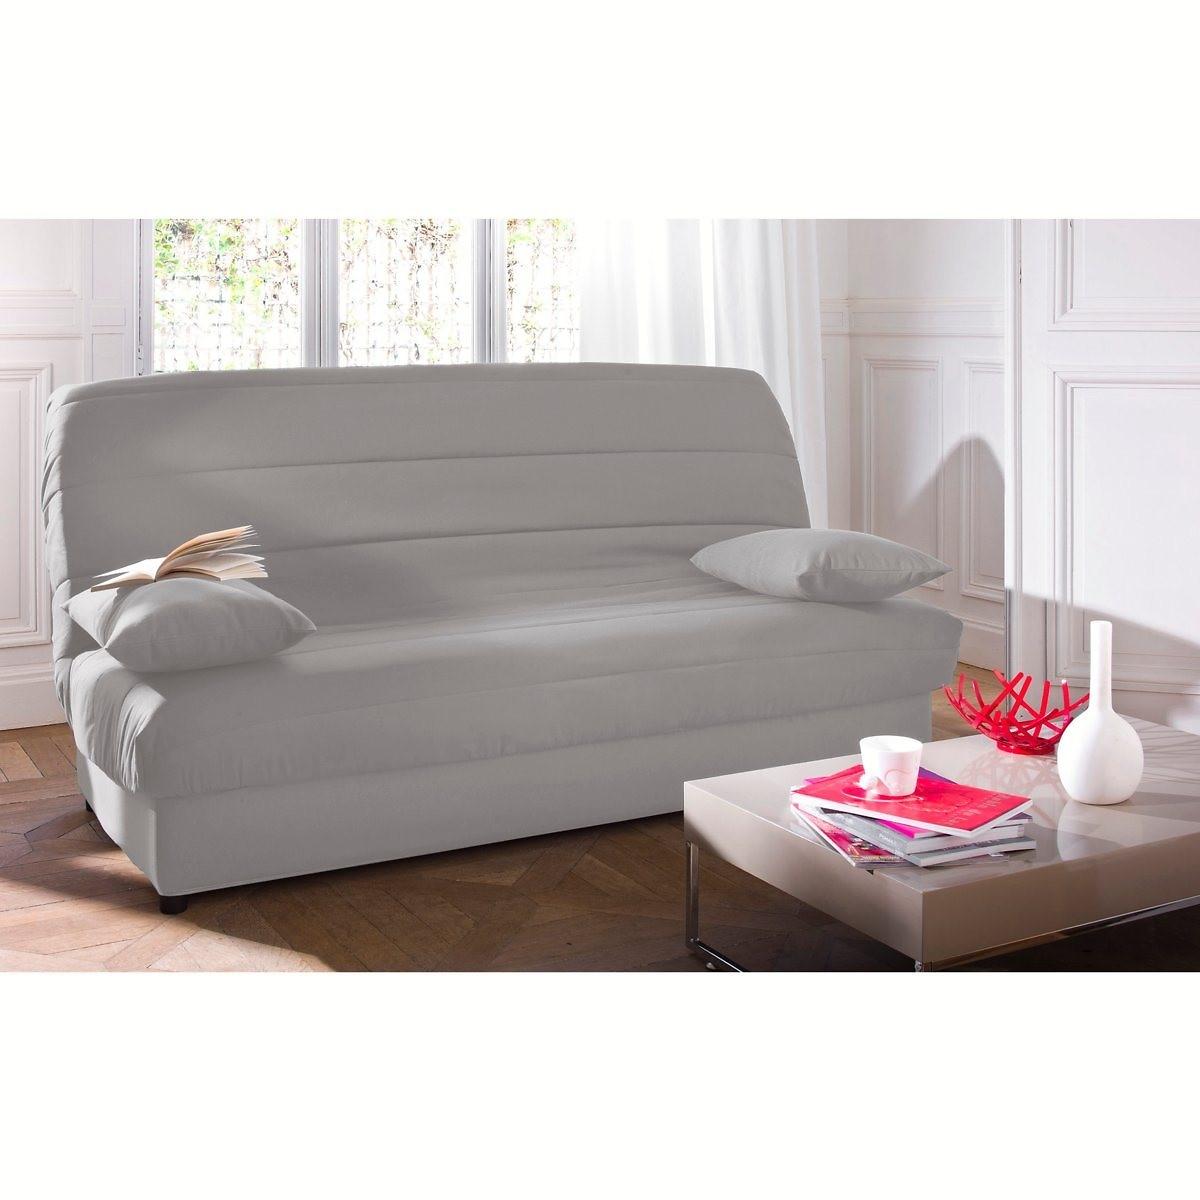 Чехол LaRedoute Стеганый из поликоттона для раскладного дивана ASARET единый размер серый